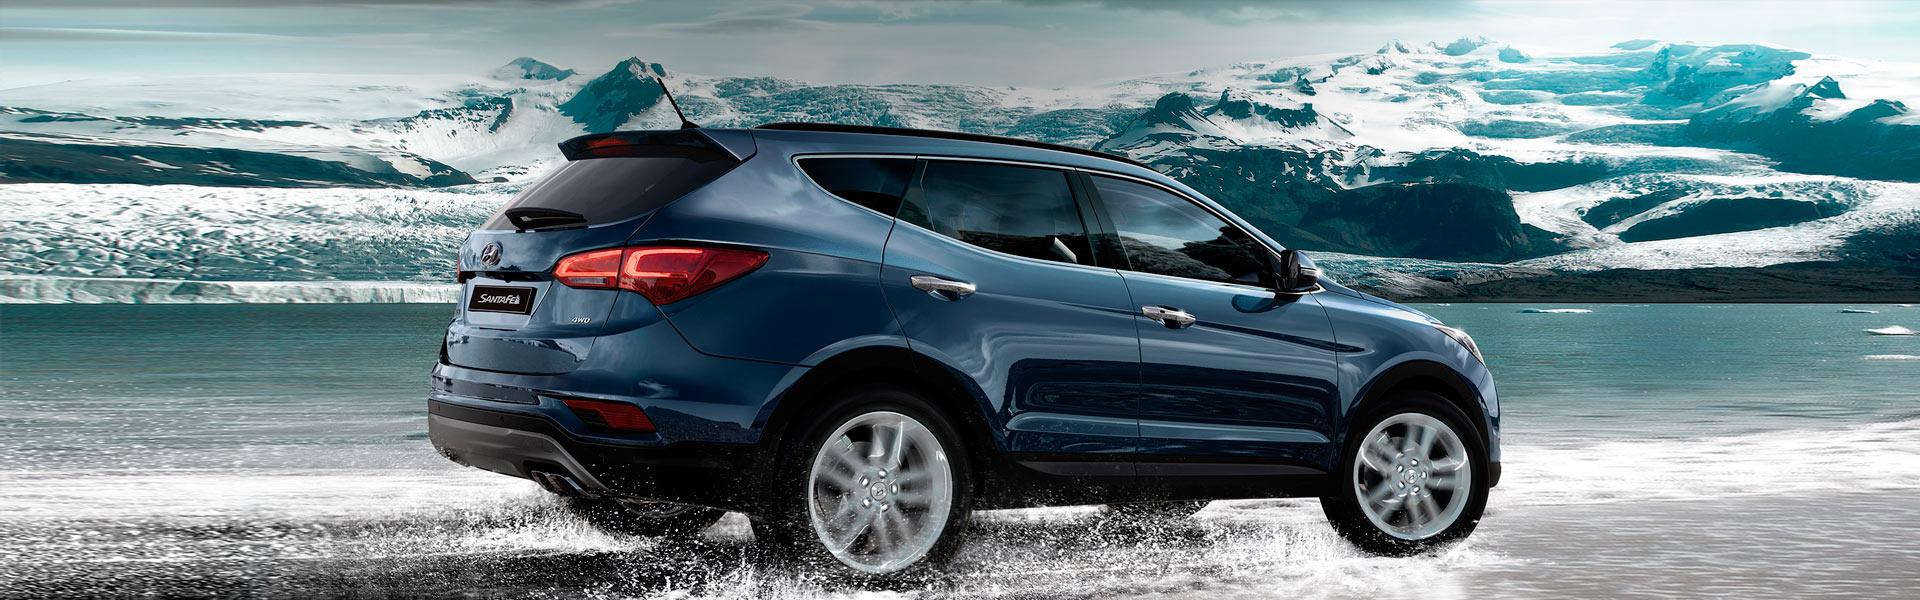 Стойка стабилизатора на Hyundai